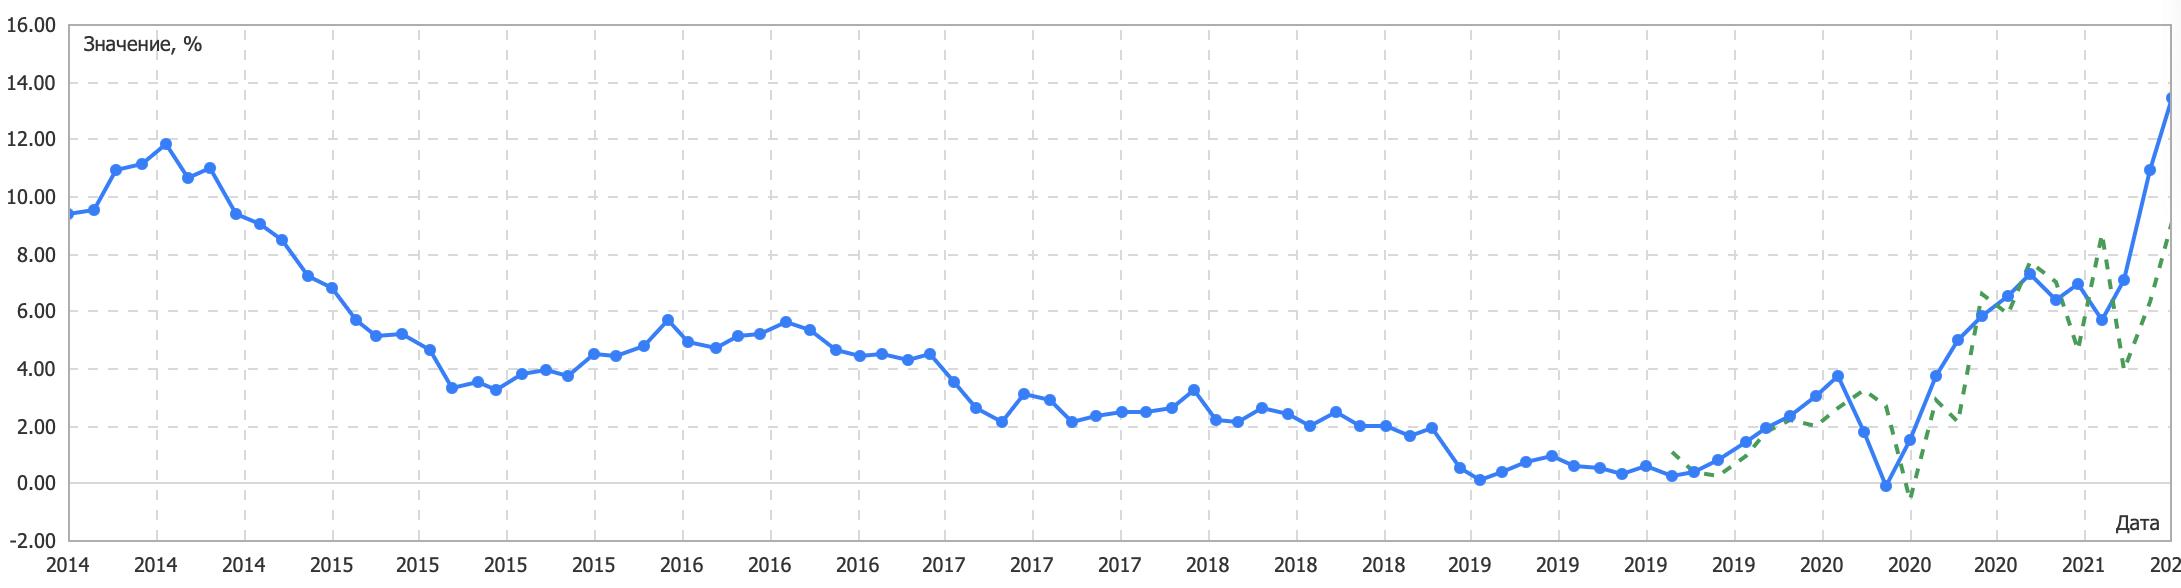 Индекс цен на жилье в Великобритании